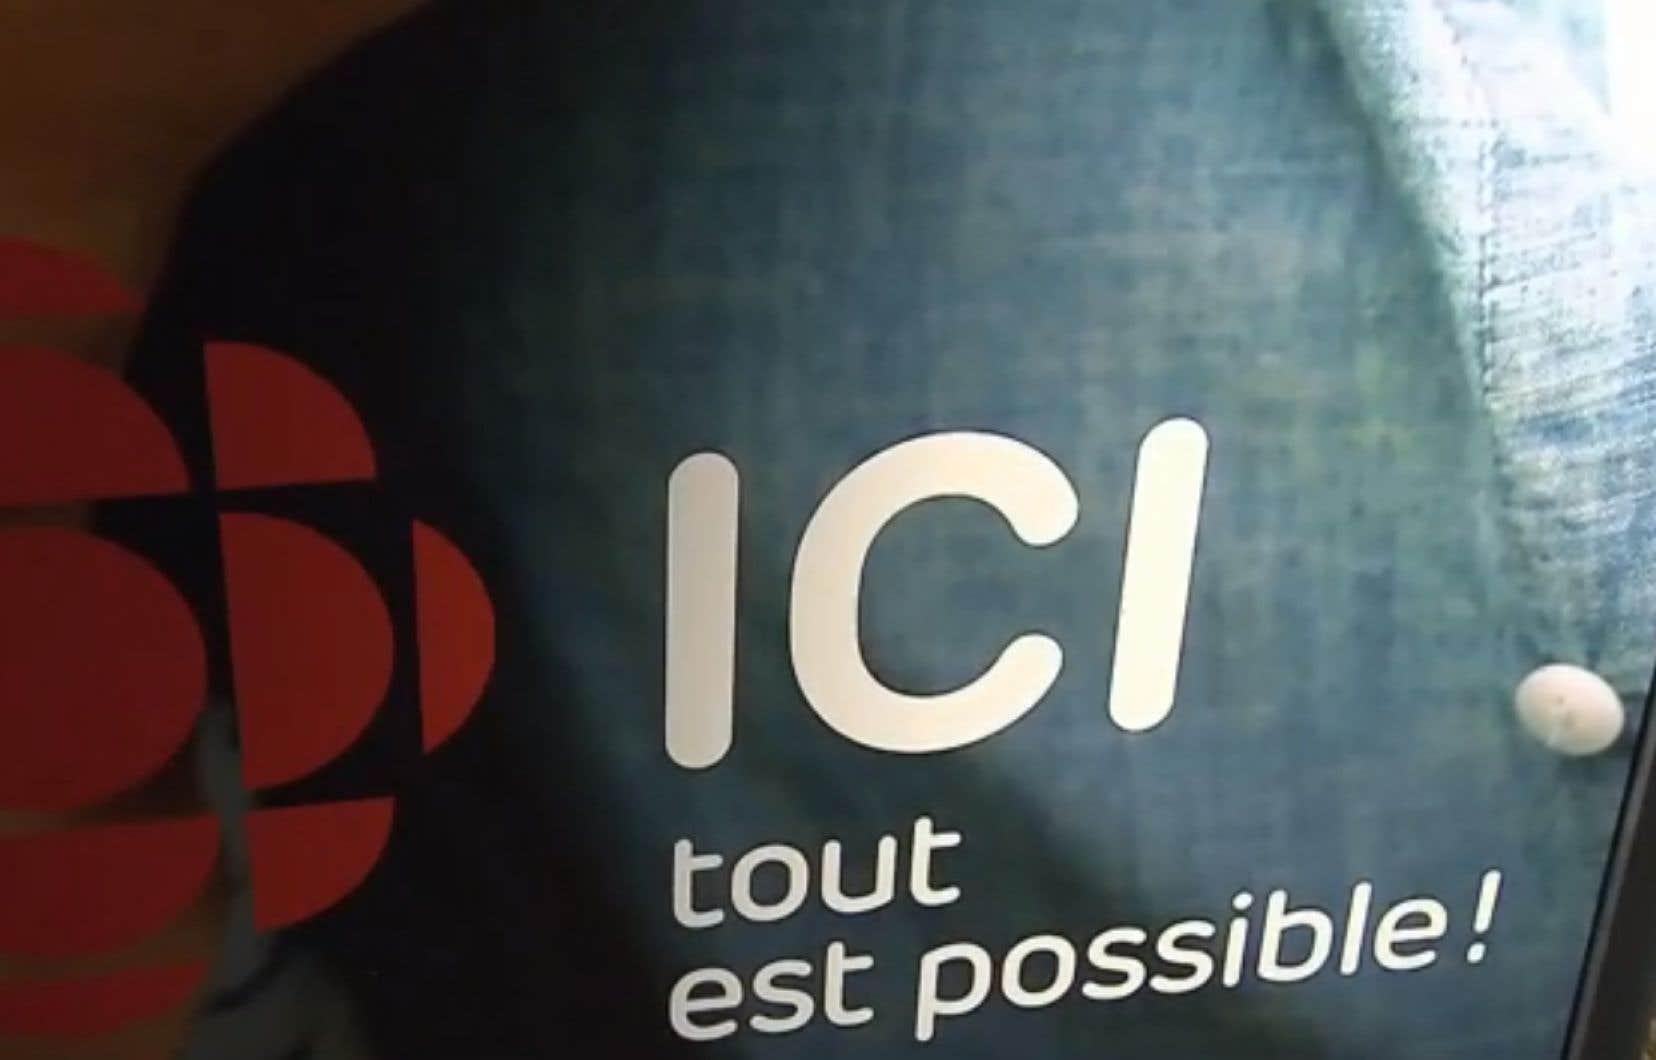 La Télévision de Radio-Canada deviendra donc ICI Télé. La Première Chaîne changera pour ICI Première. Il y aura dorénavant ICI Artv, ICI Explora, ICI.ca, ICI Tou.tv, etc.